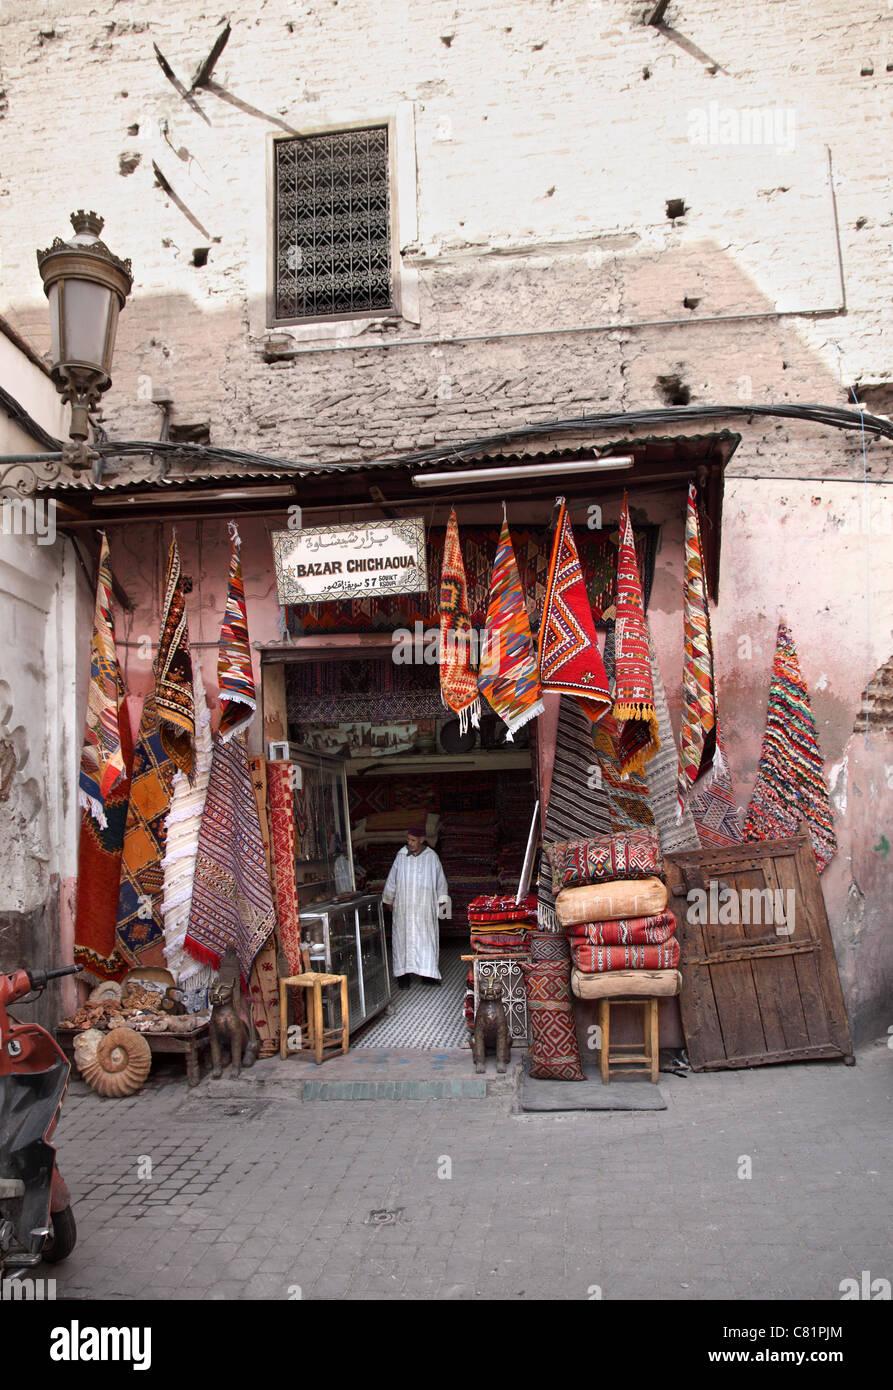 Marrakesch-Teppich-Shop Stockbild